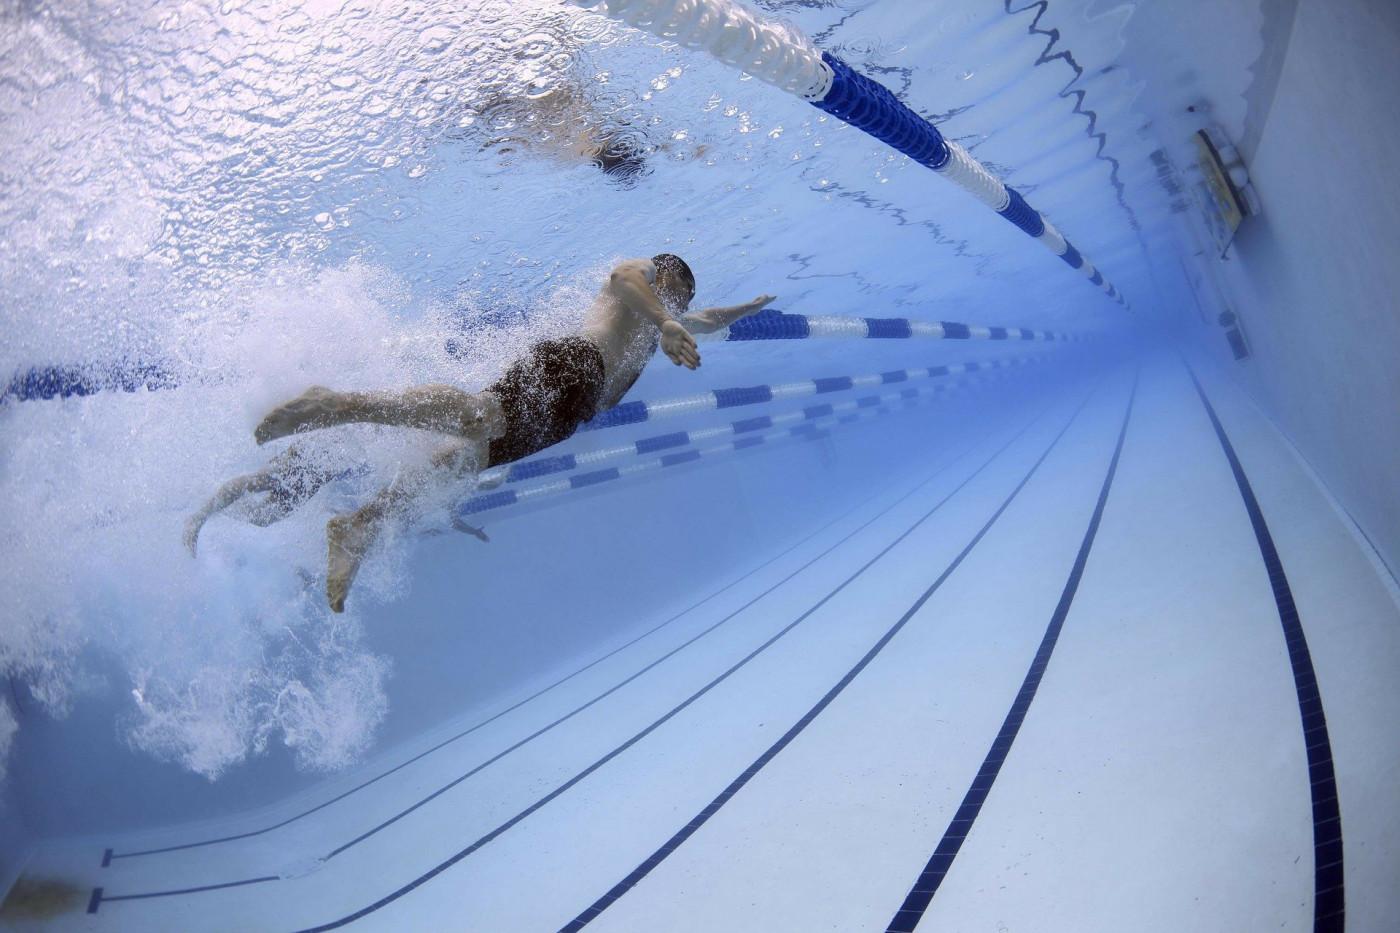 Homem fazendo natação em raia de piscina olímpica